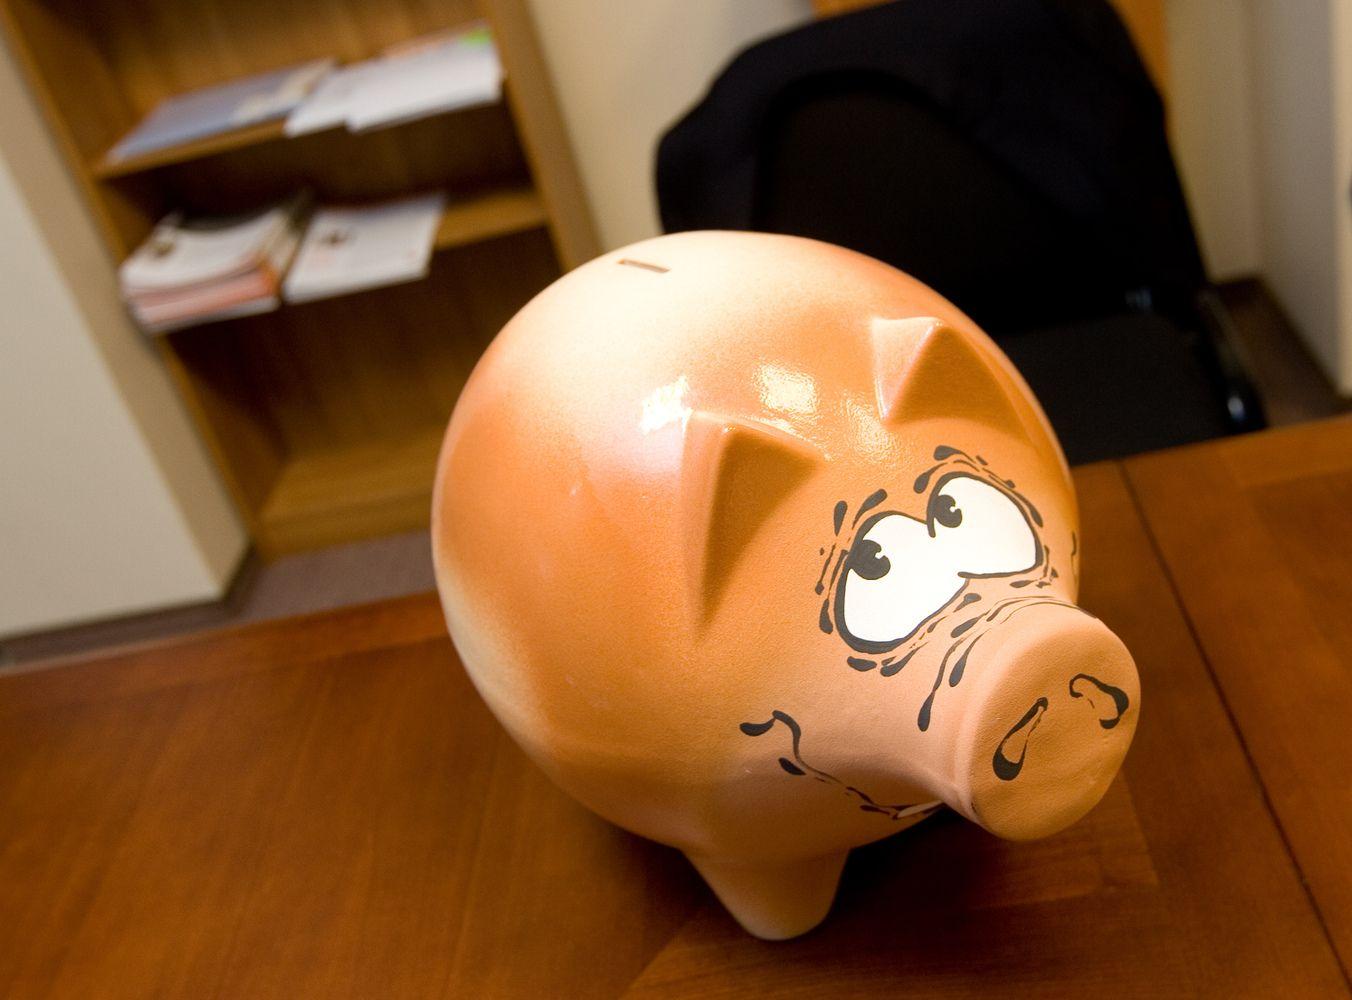 Pinigų laikymo sąskaitoje mada plinta vis labiau